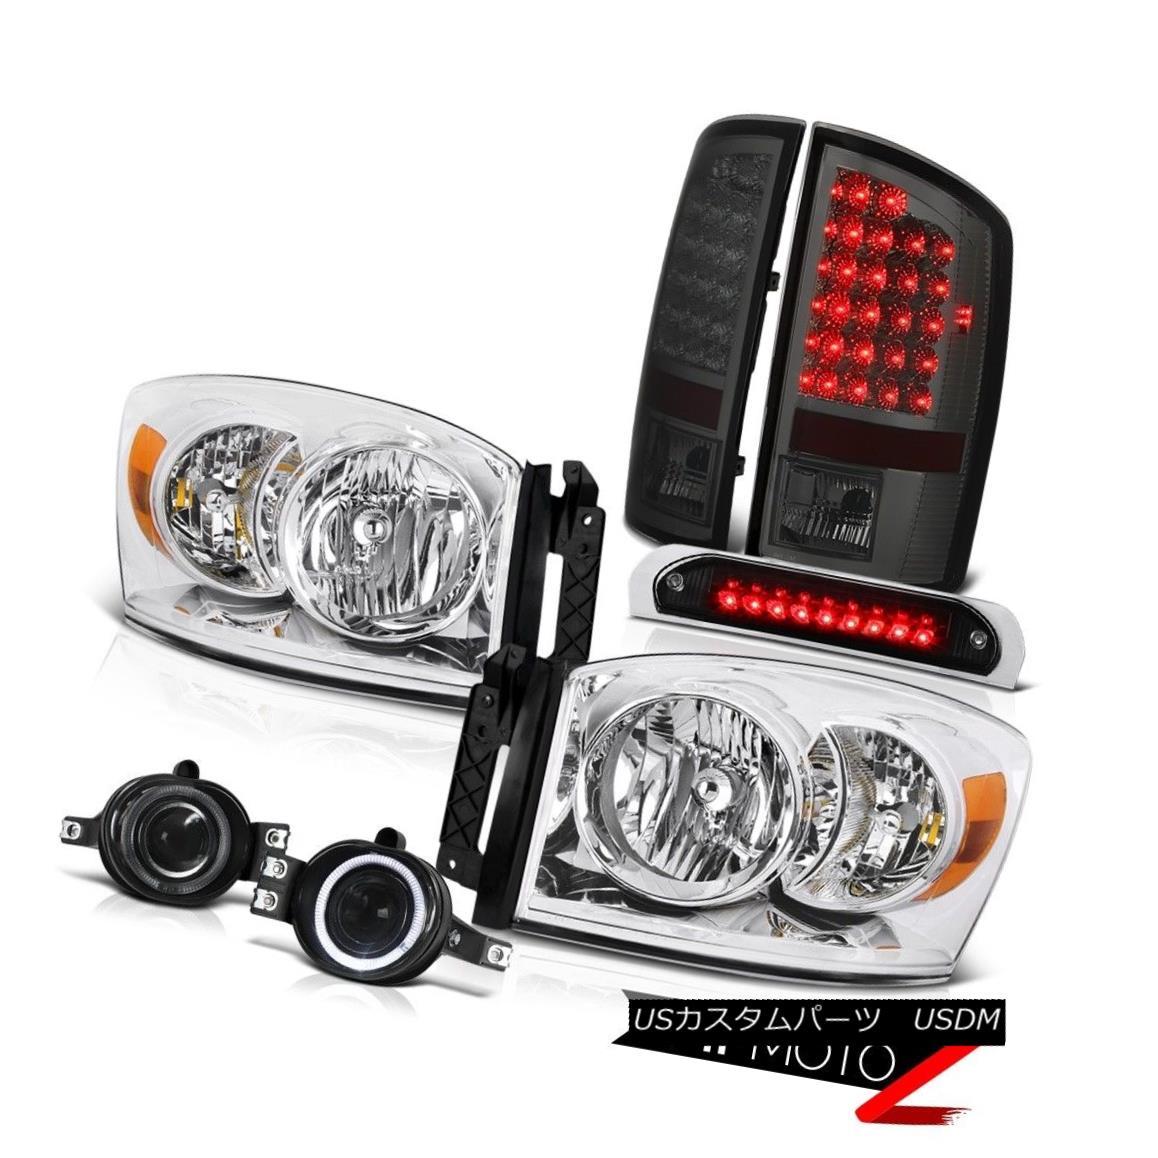 テールライト 2007-2008 Ram WS Chrome Headlight Smoke LED Tail Lights Fog Lamp High Stop Black 2007-2008 Ram WSクロームヘッドライトスモークLEDテールライトフォグランプハイストップブラック